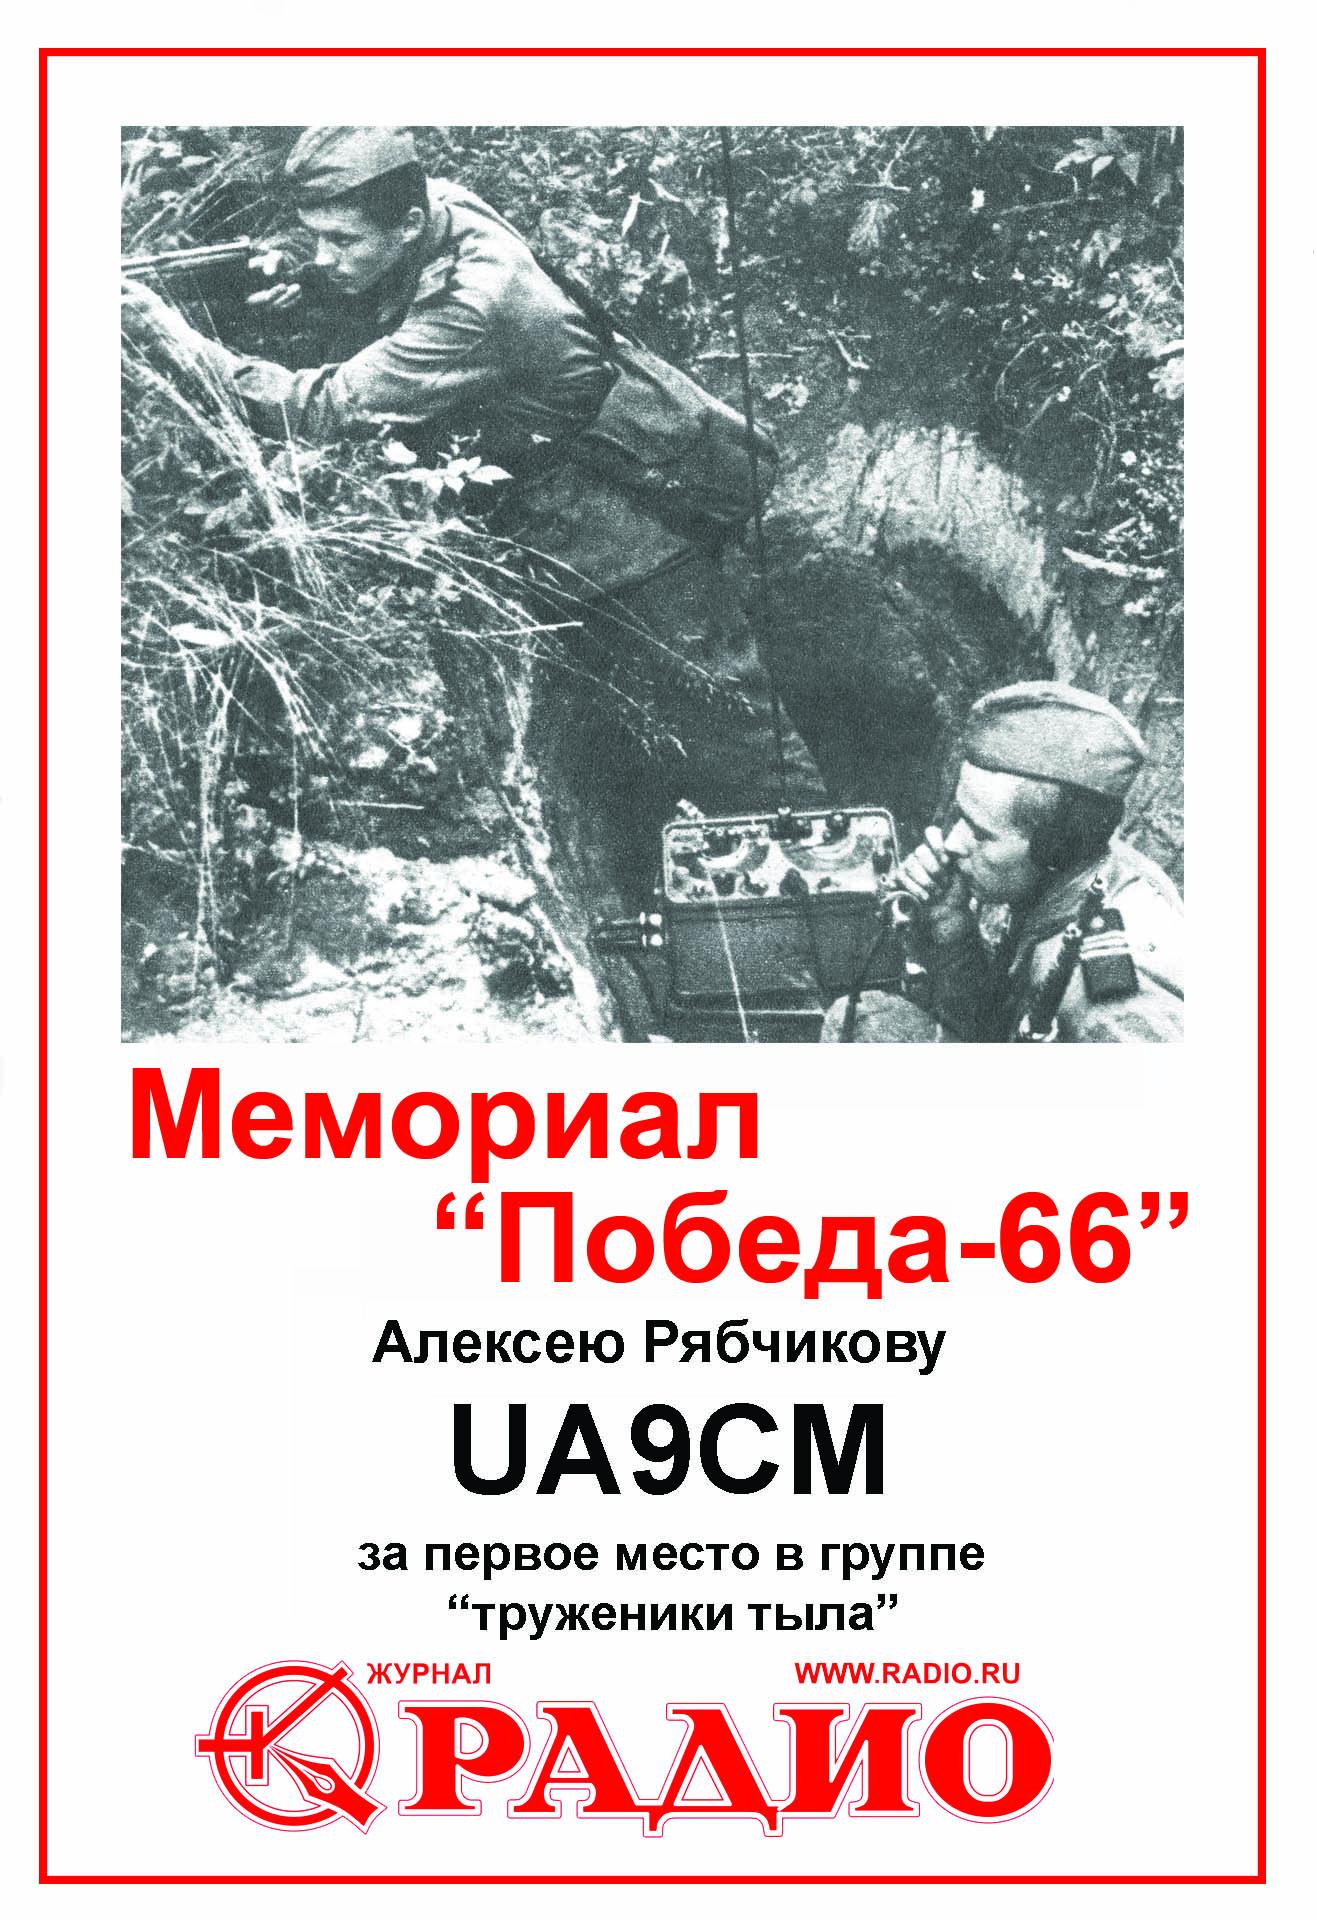 Нажмите на изображение для увеличения.  Название:plaque_pobeda66_ua9cm.jpg Просмотров:217 Размер:607.2 Кб ID:58504